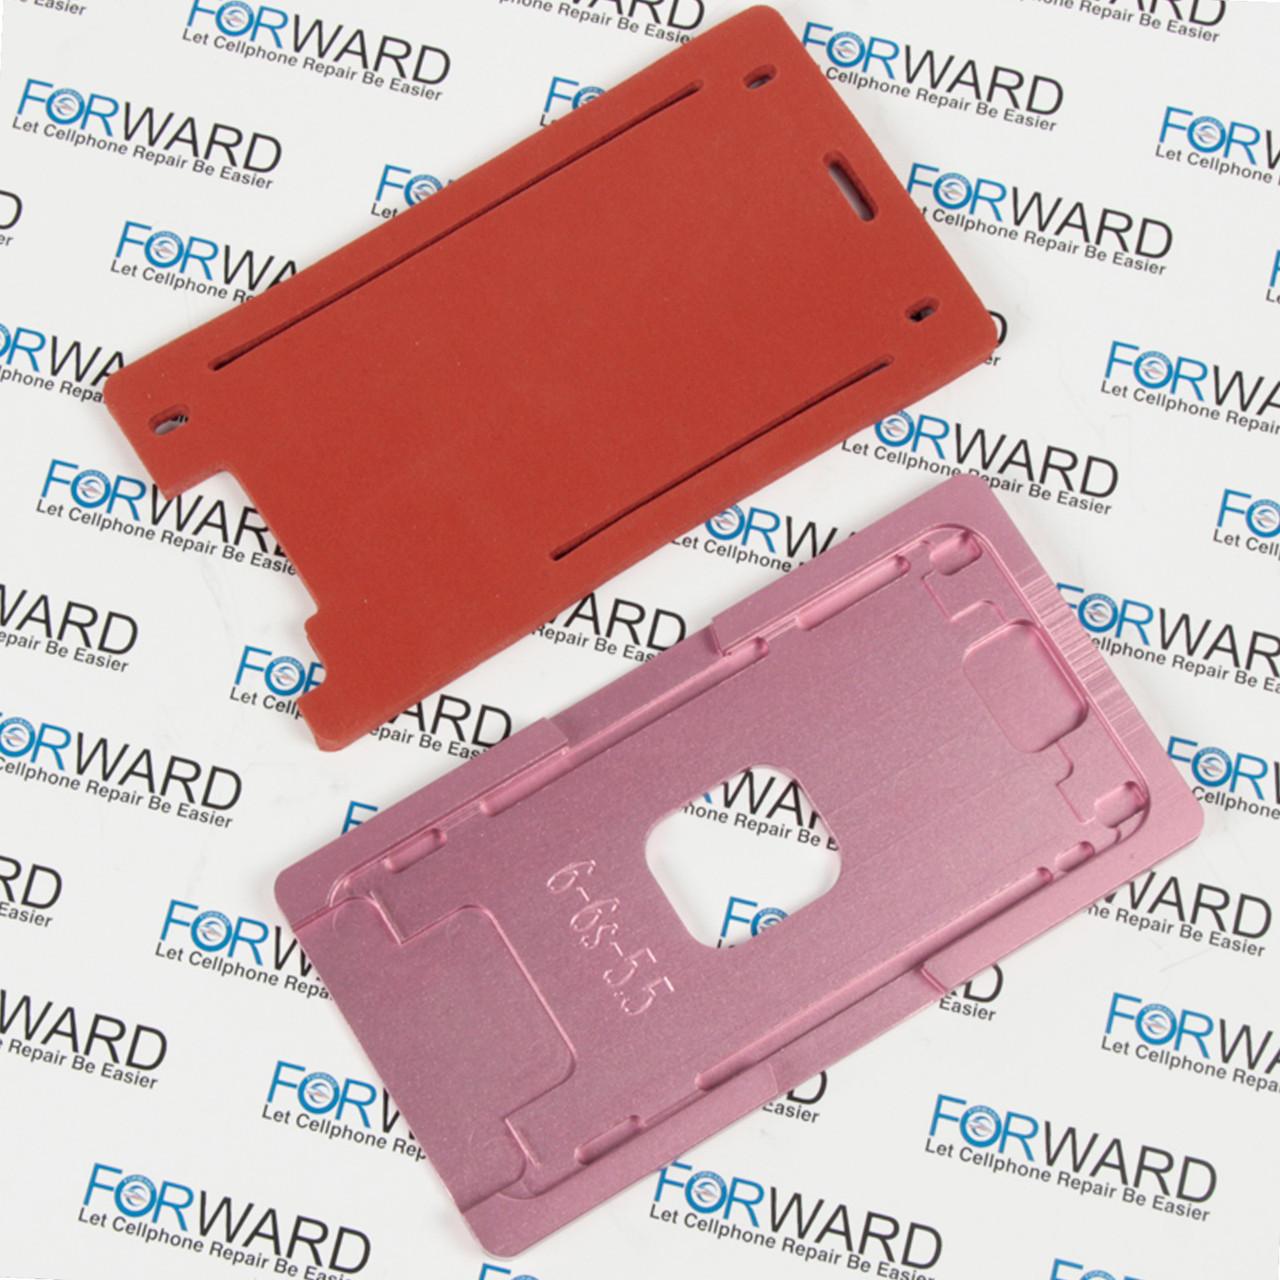 Формы для фиксации дисплея IPhone 6+, 6S+ алюминиевая и резиновая